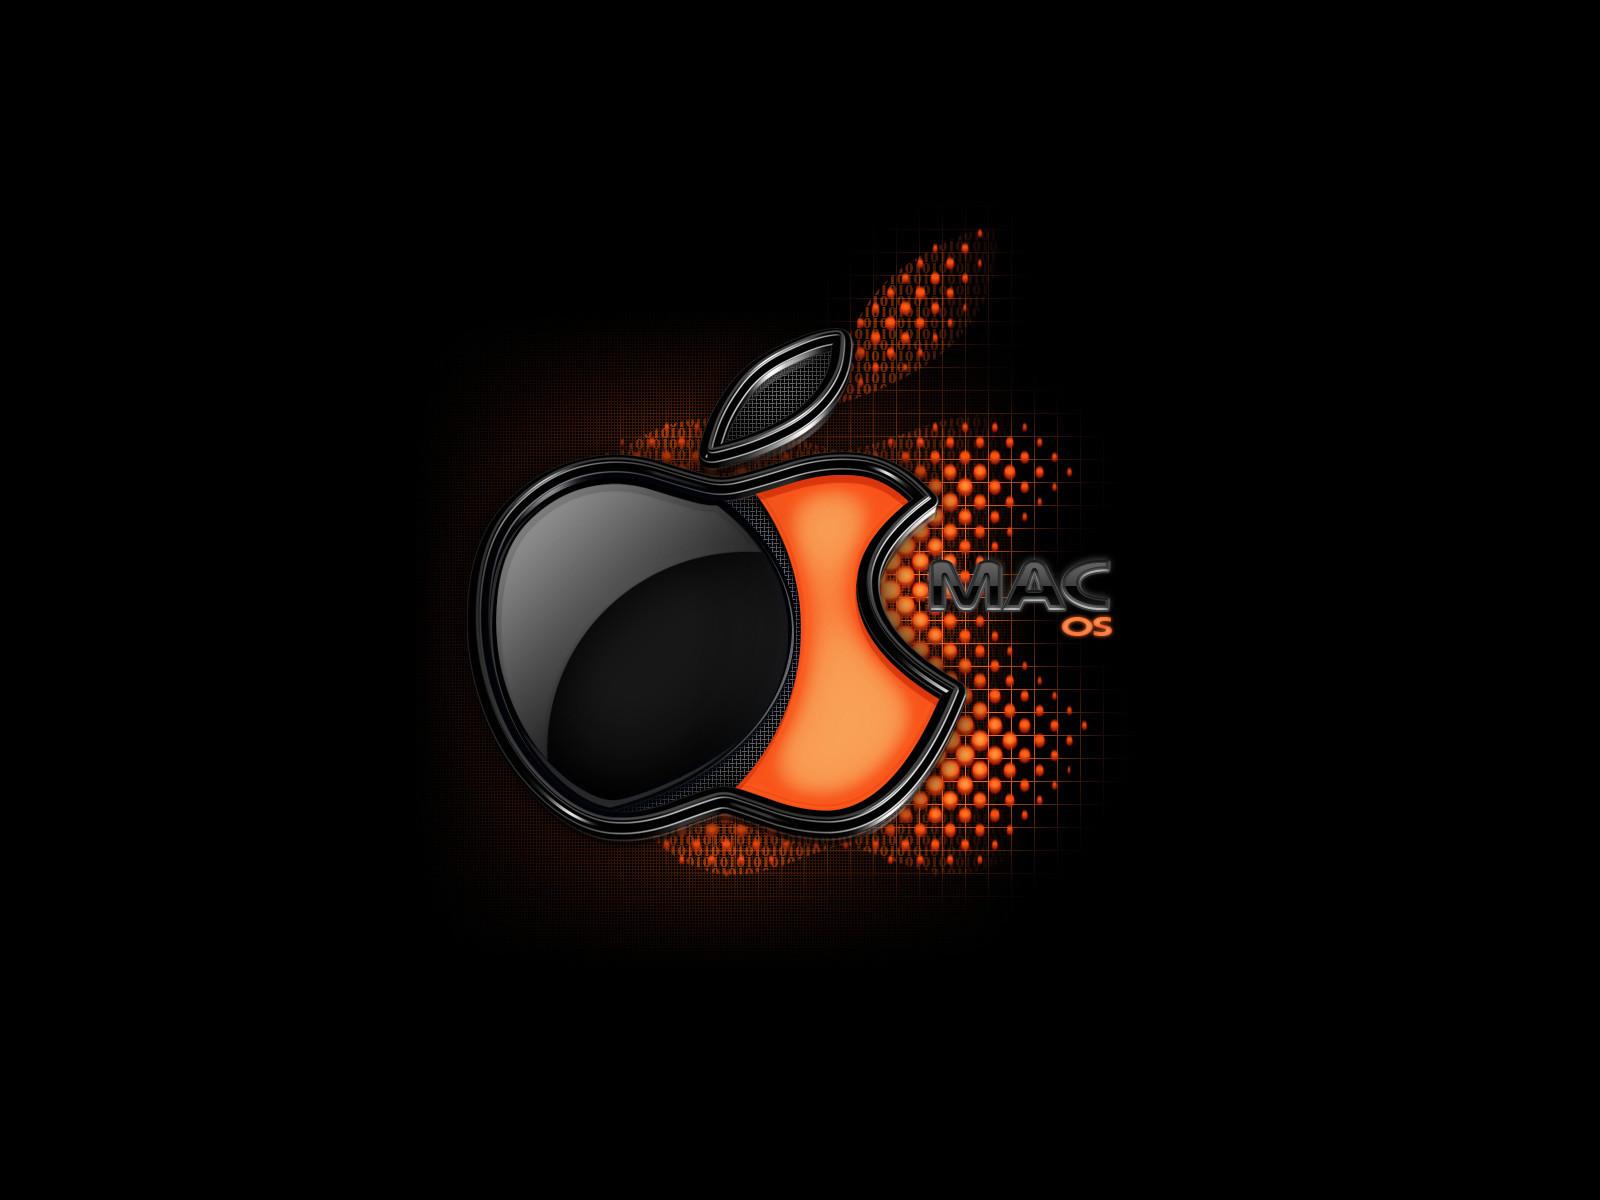 14517 Hintergrundbild herunterladen Apple-, Marken, Logos - Bildschirmschoner und Bilder kostenlos